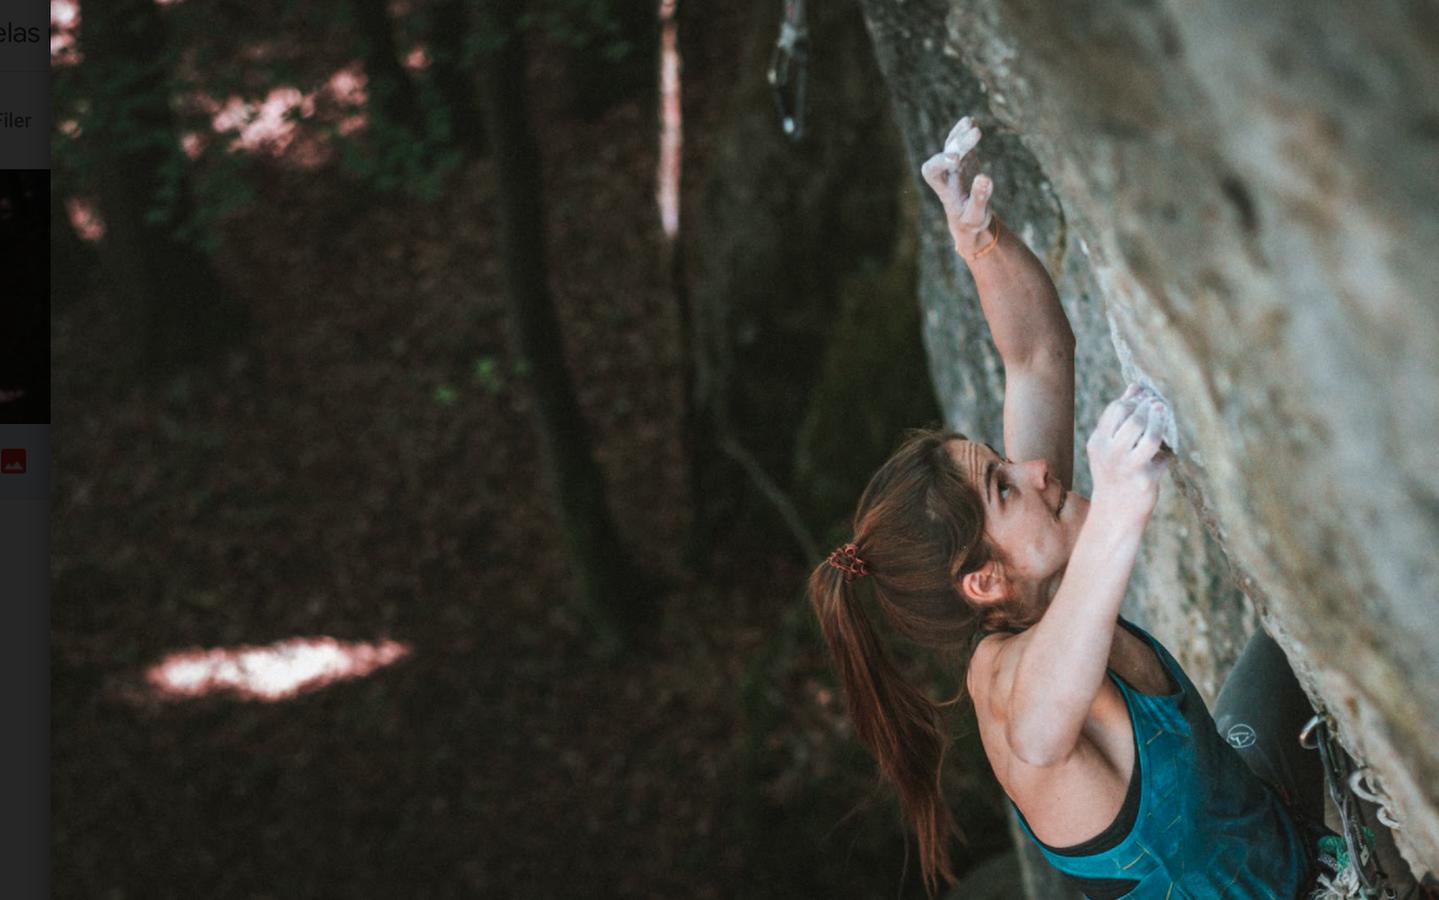 Headcrash 8c by Franziska Dietz after 4 years of climbing